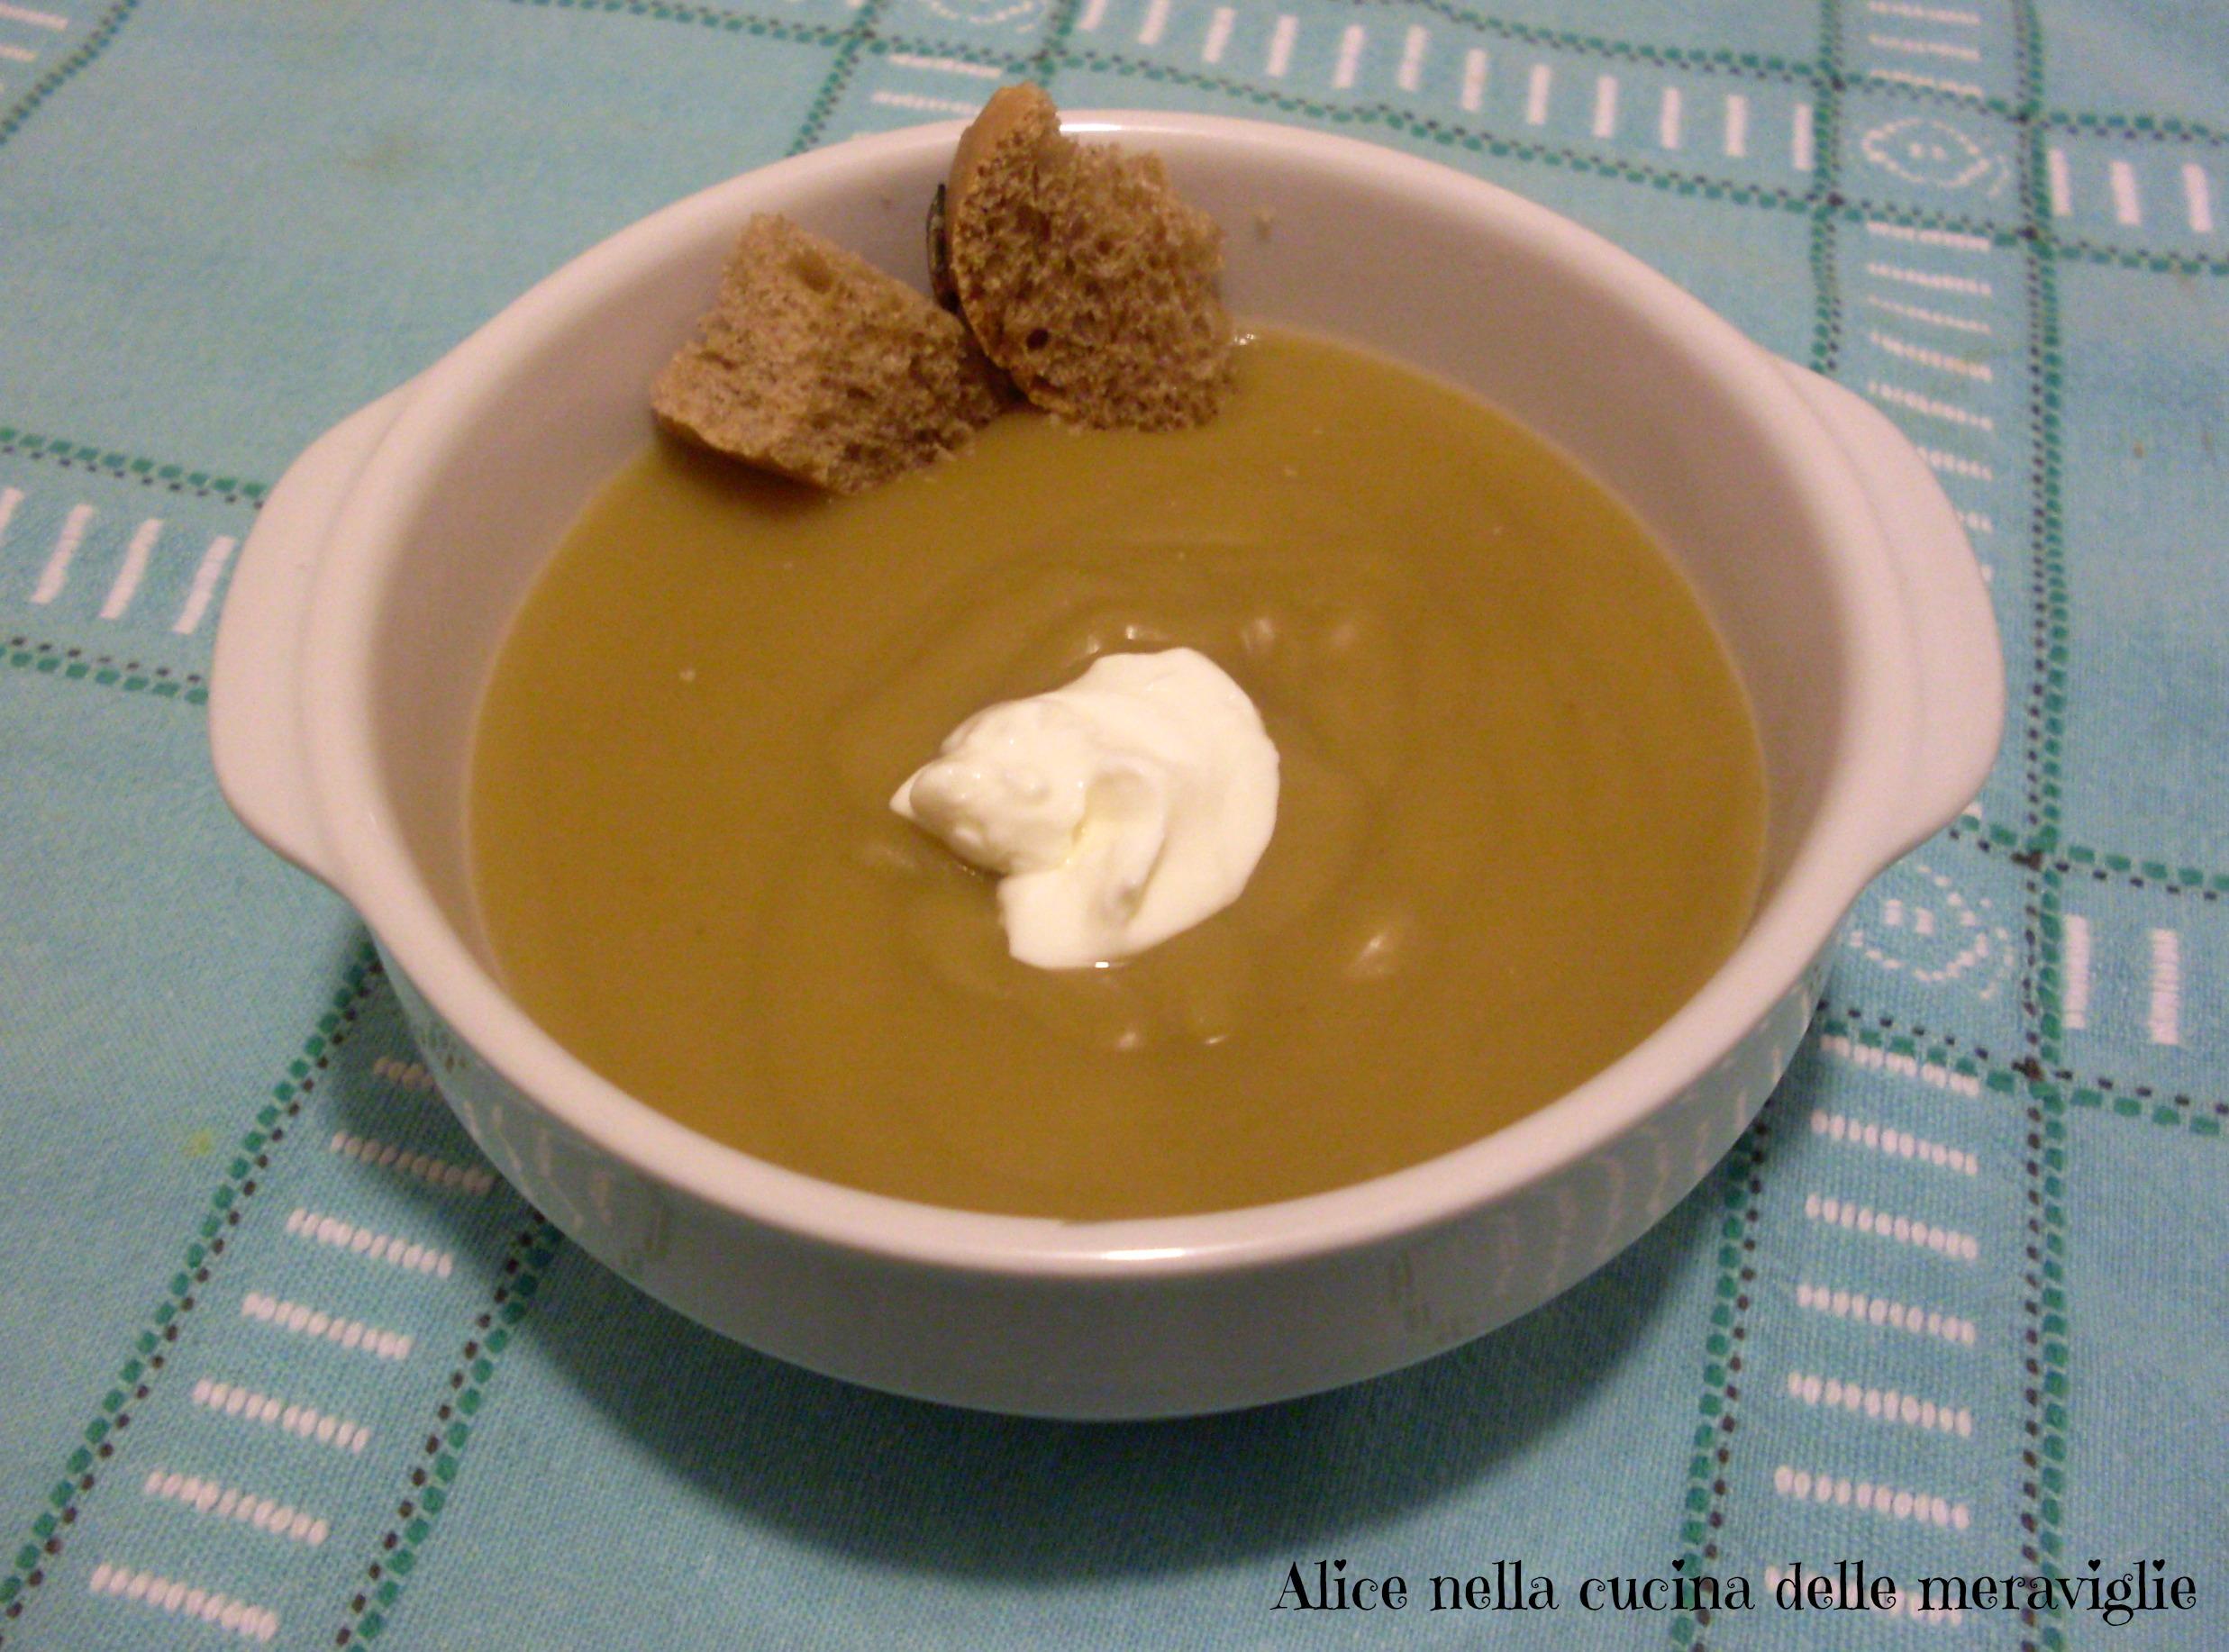 Vellutata di piselli Ricetta primo piatto vegano Alice nella cucina delle meraviglie